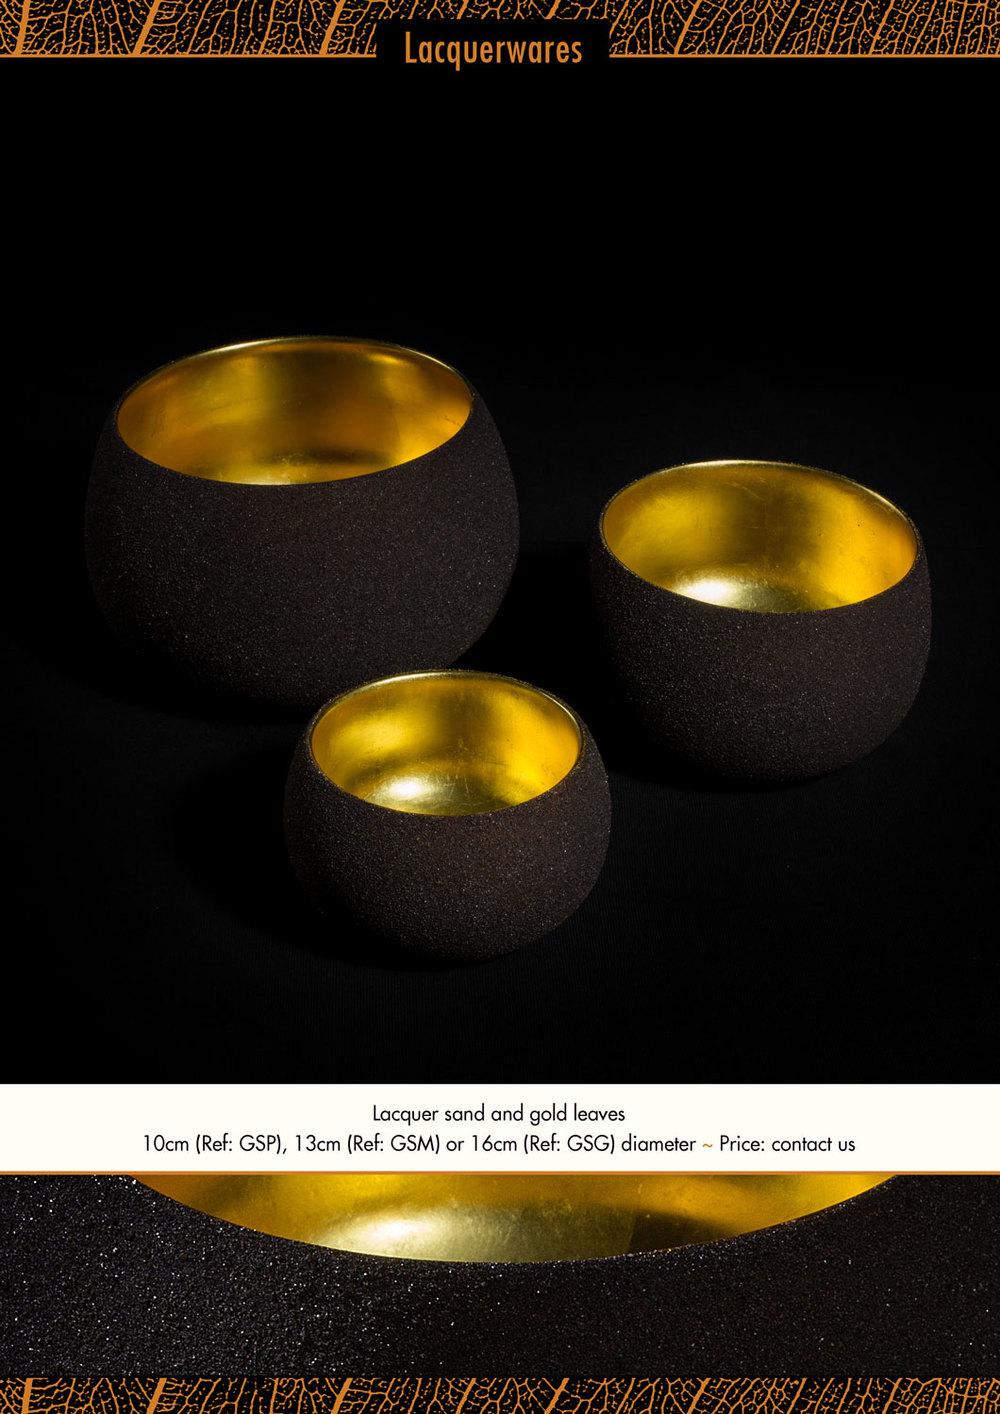 Lacquerwares-p3.jpg